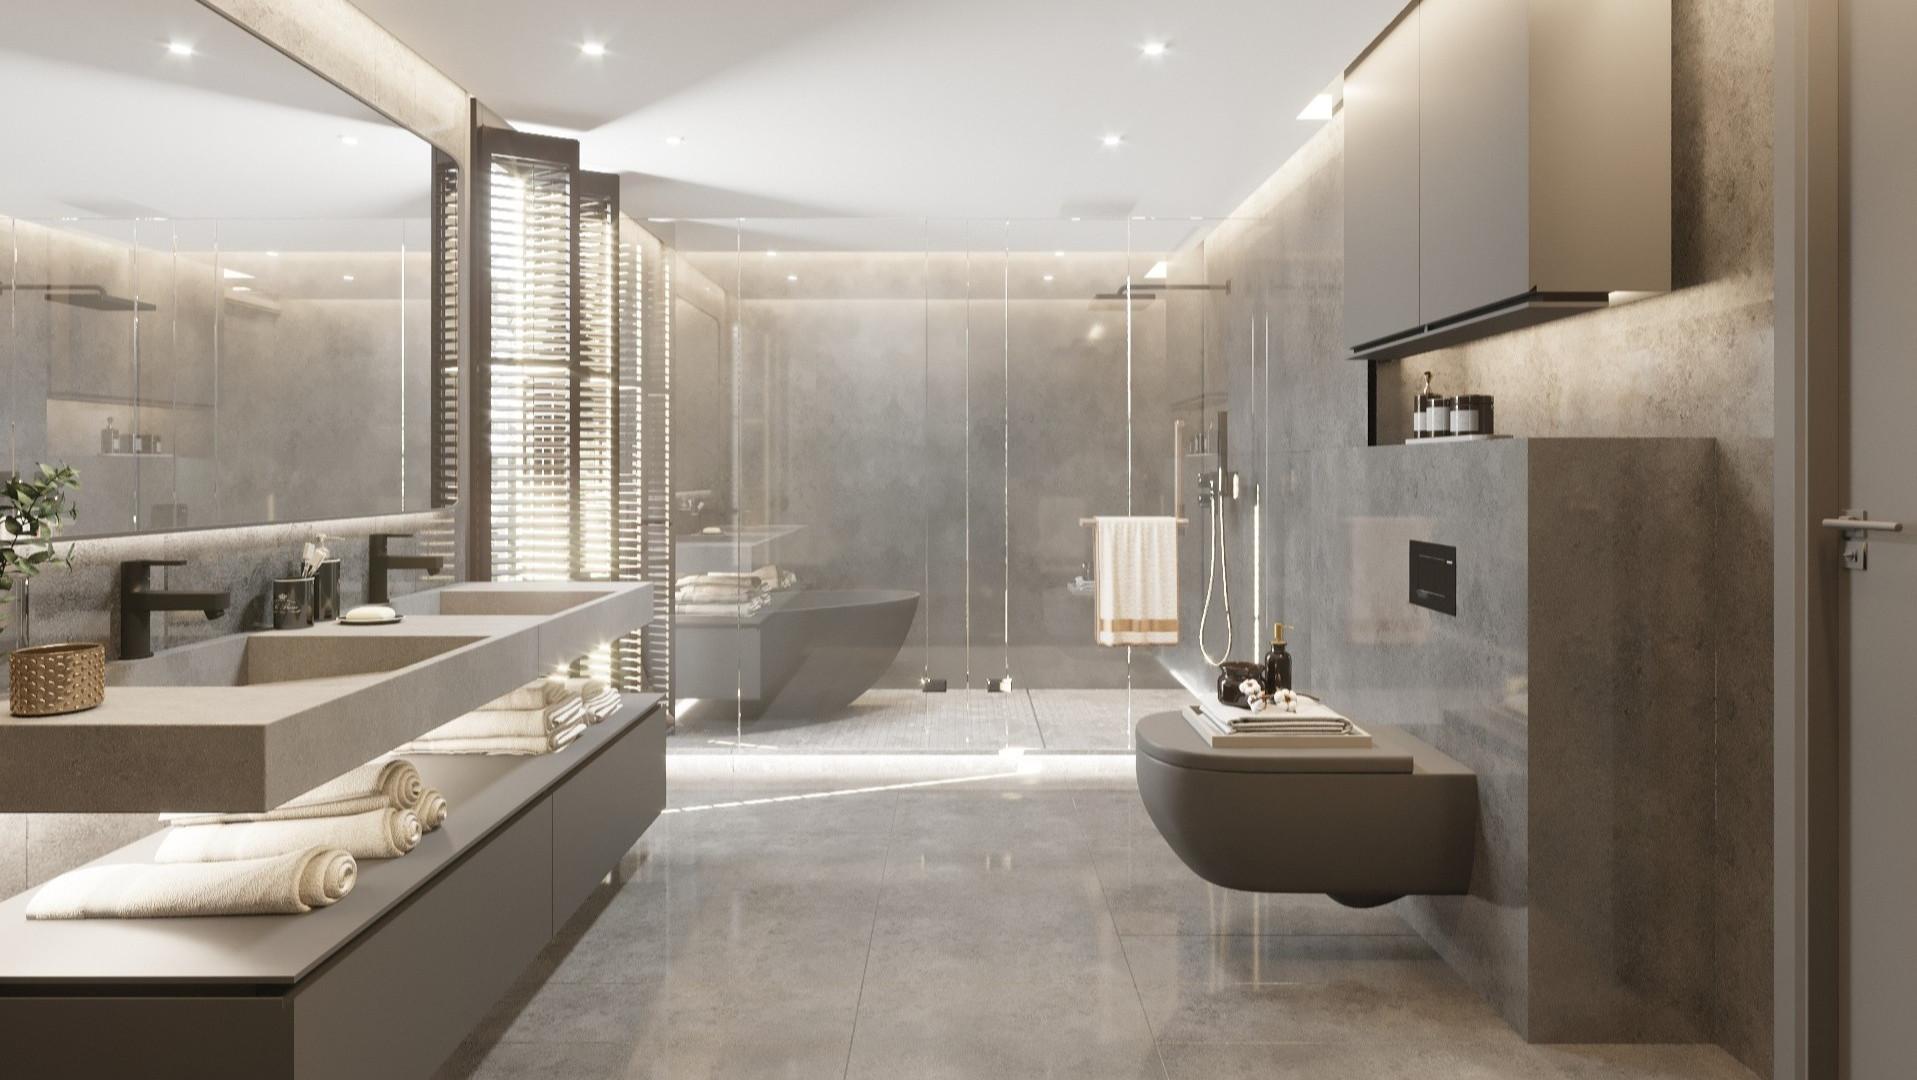 Bathroom1_edited_edited_edited.jpg